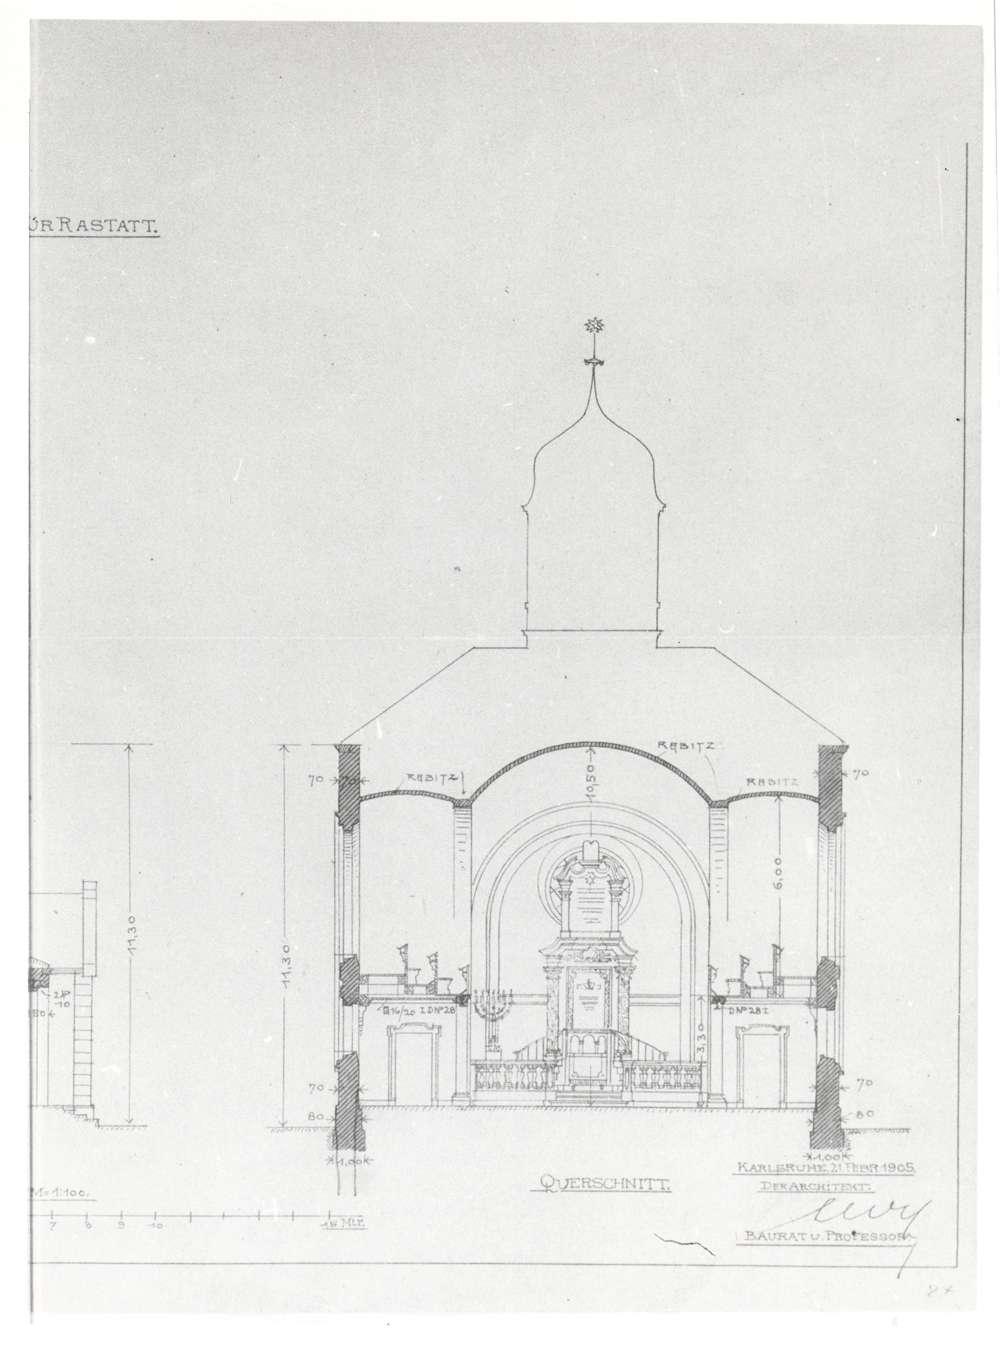 Rastatt, RA; Neue Synagoge, Querschnitt (Bauplan von 1905), Bild 1